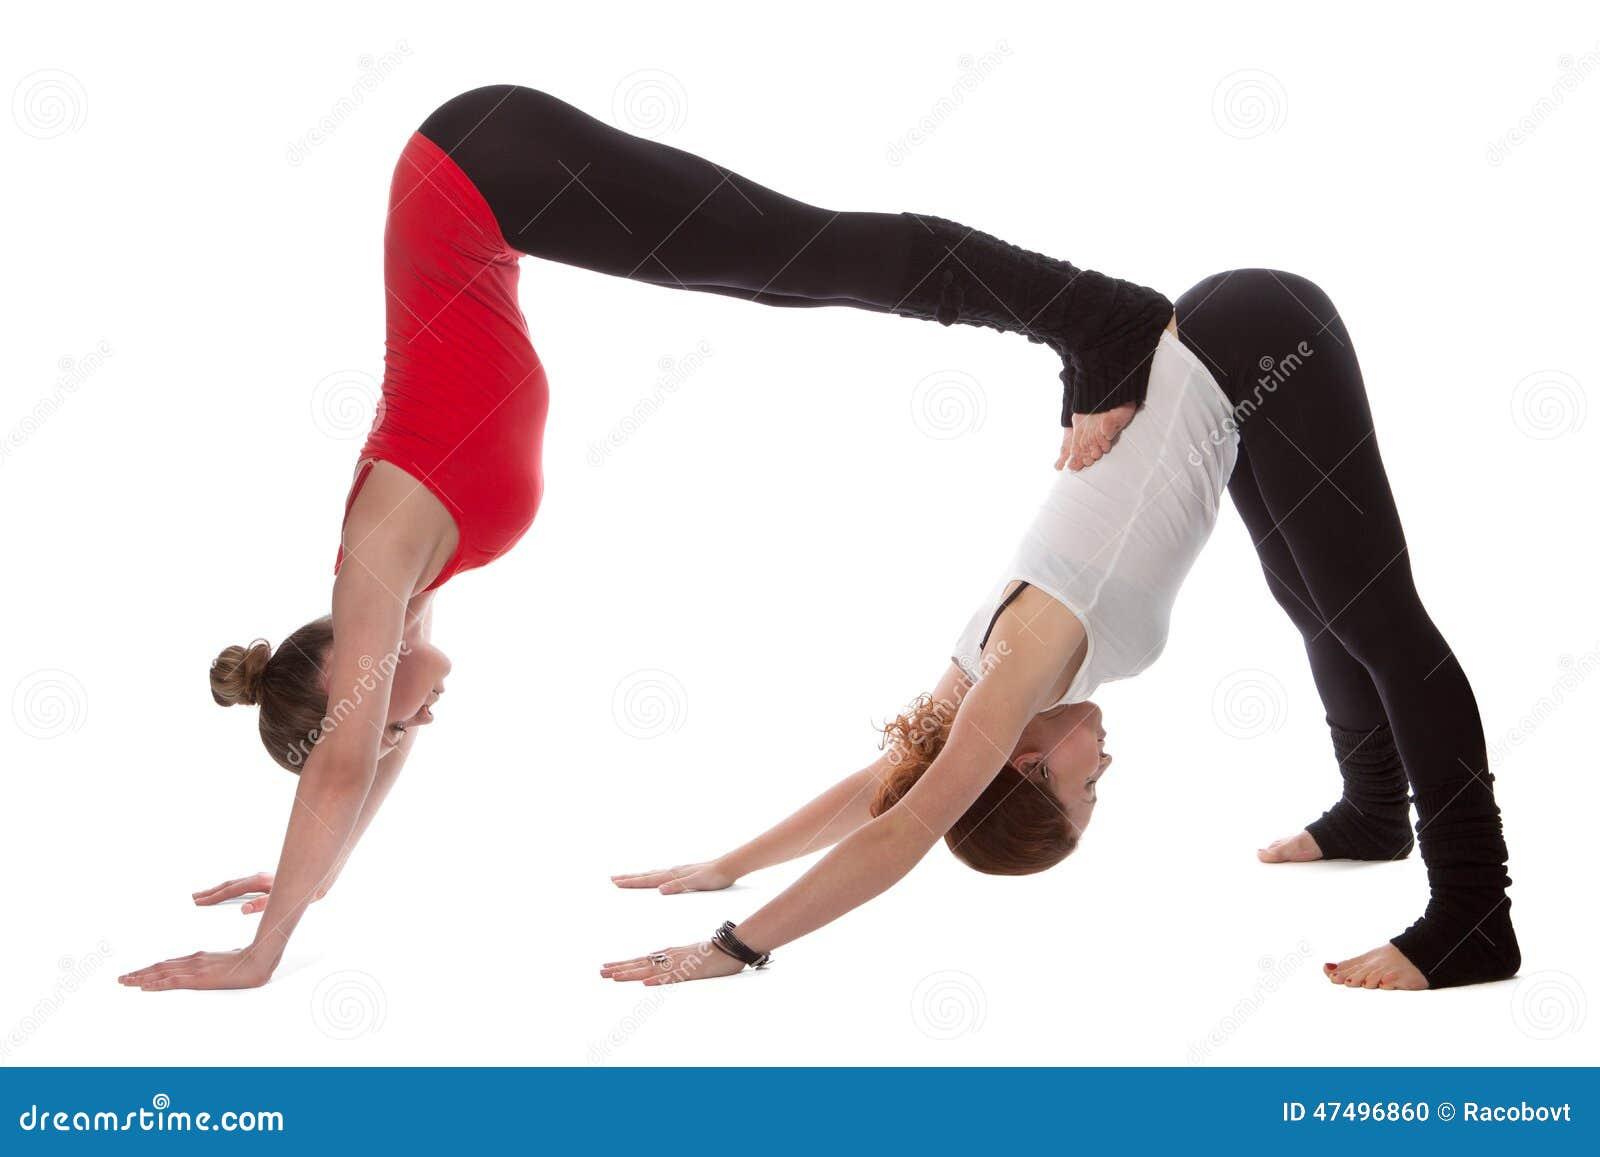 картинки йога на двоих для девочек